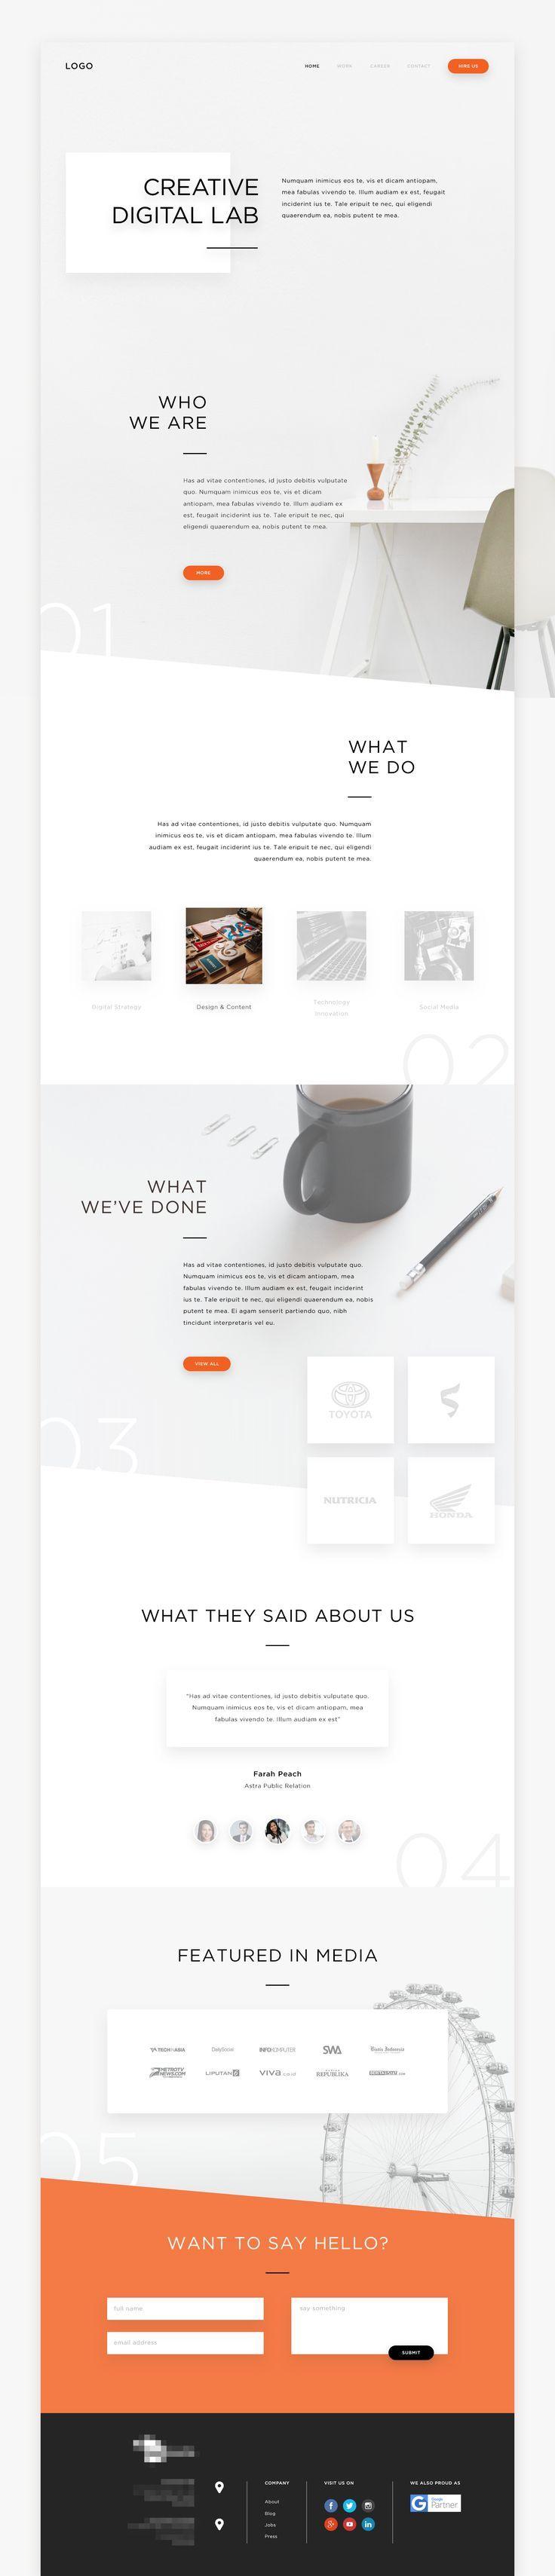 Home front tor design katalog  best web design images on pinterest  design websites editorial